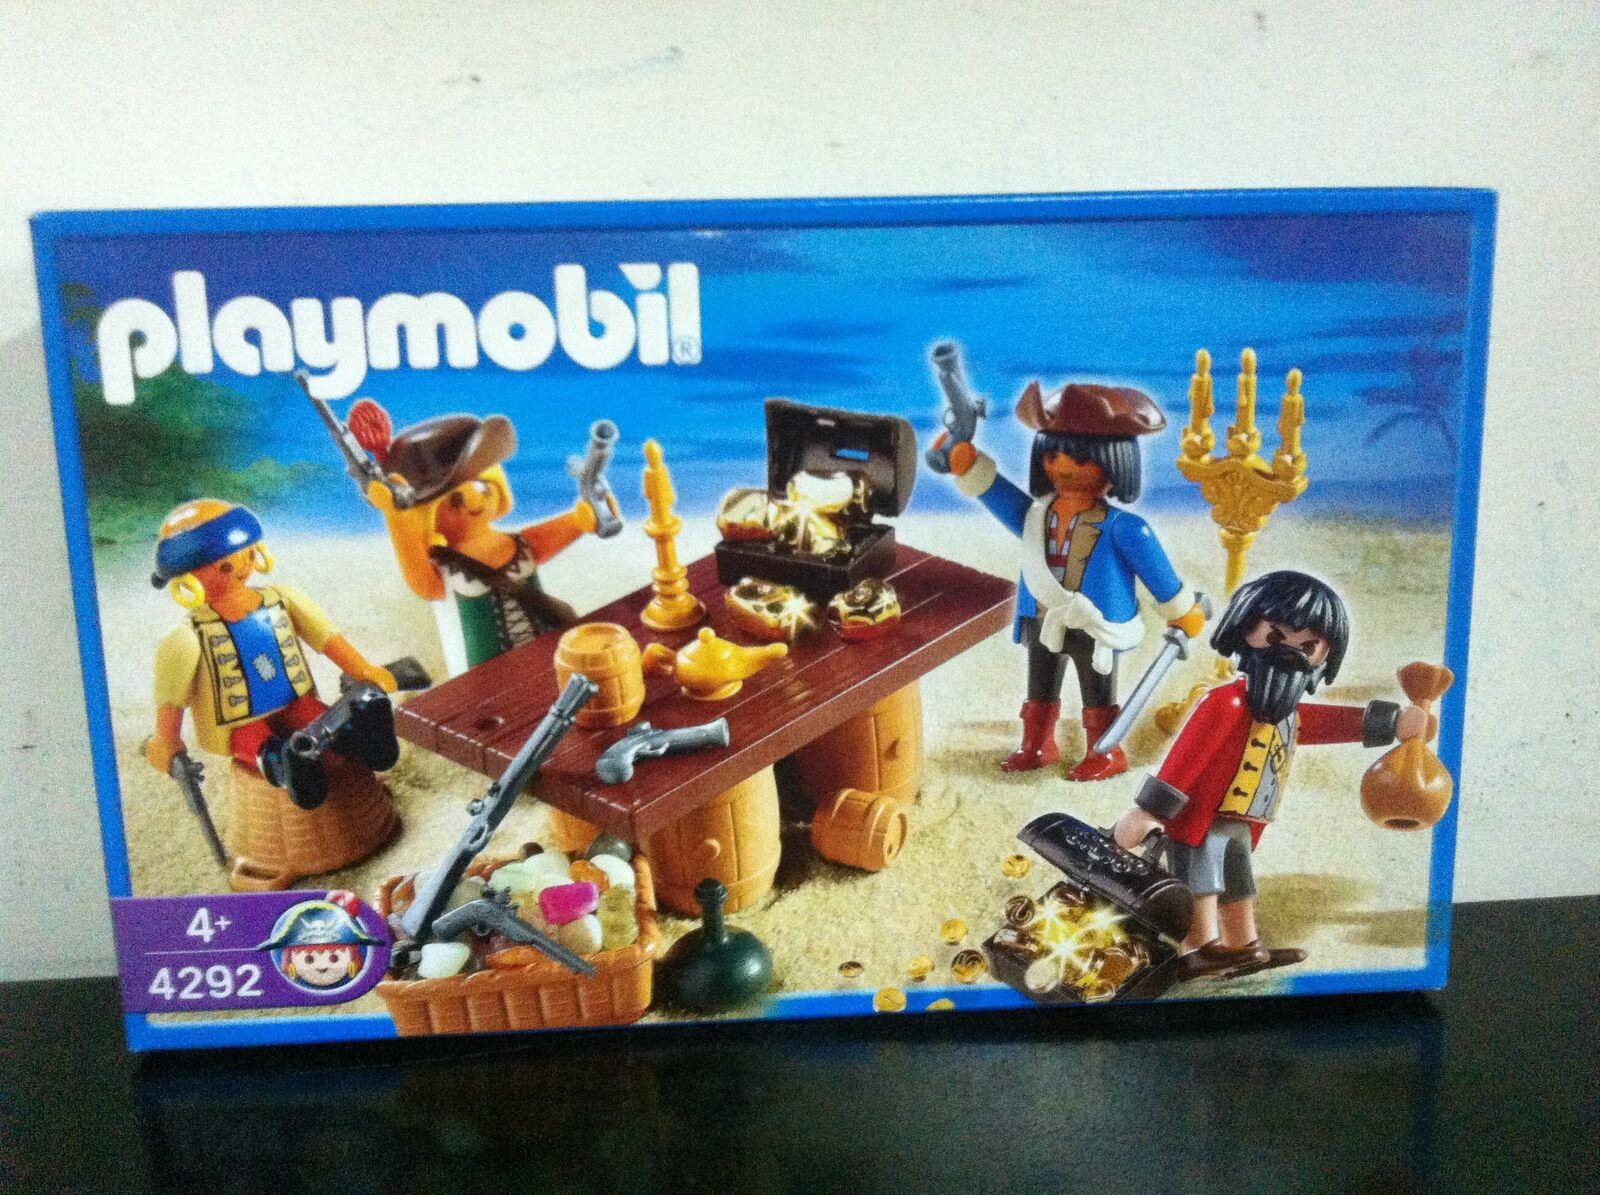 Playmobil Pirati 4292 CIURMA DEI PIRATI MIB,  2006  wholesape economico